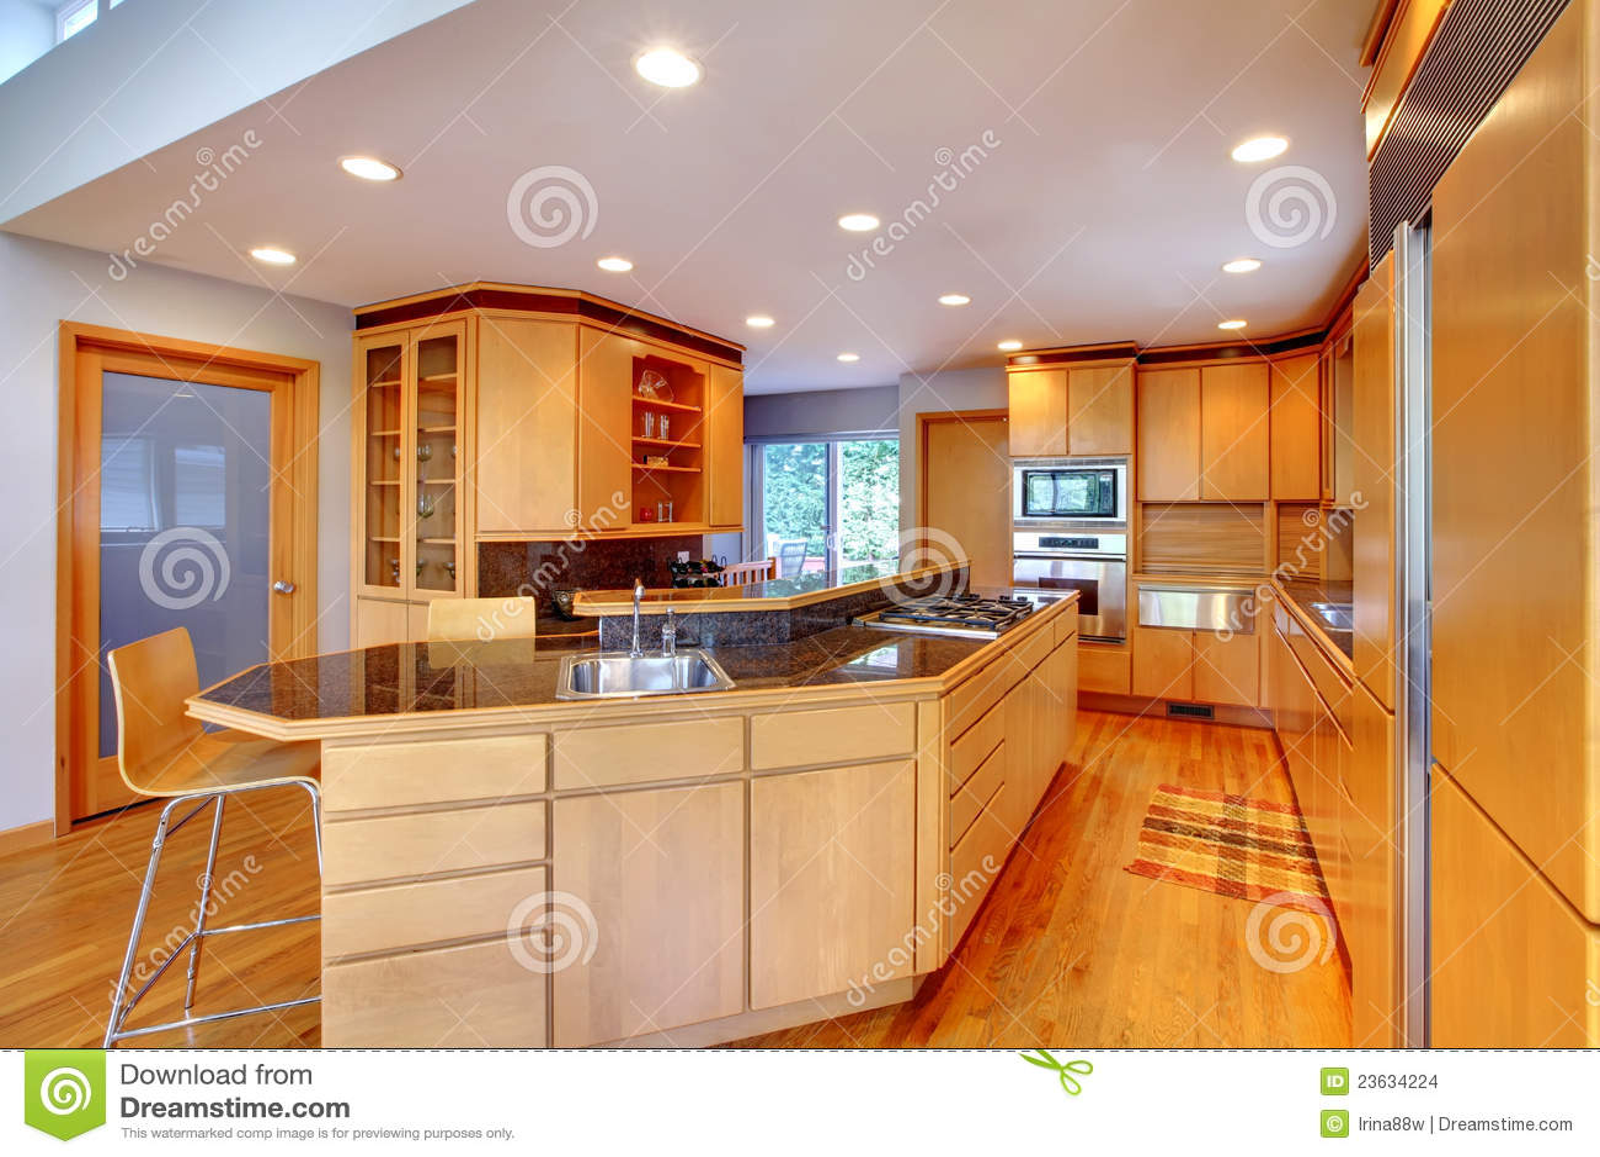 Grote Luxe Moderne Houten Keuken. Stock Afbeeldingen - Afbeelding ...